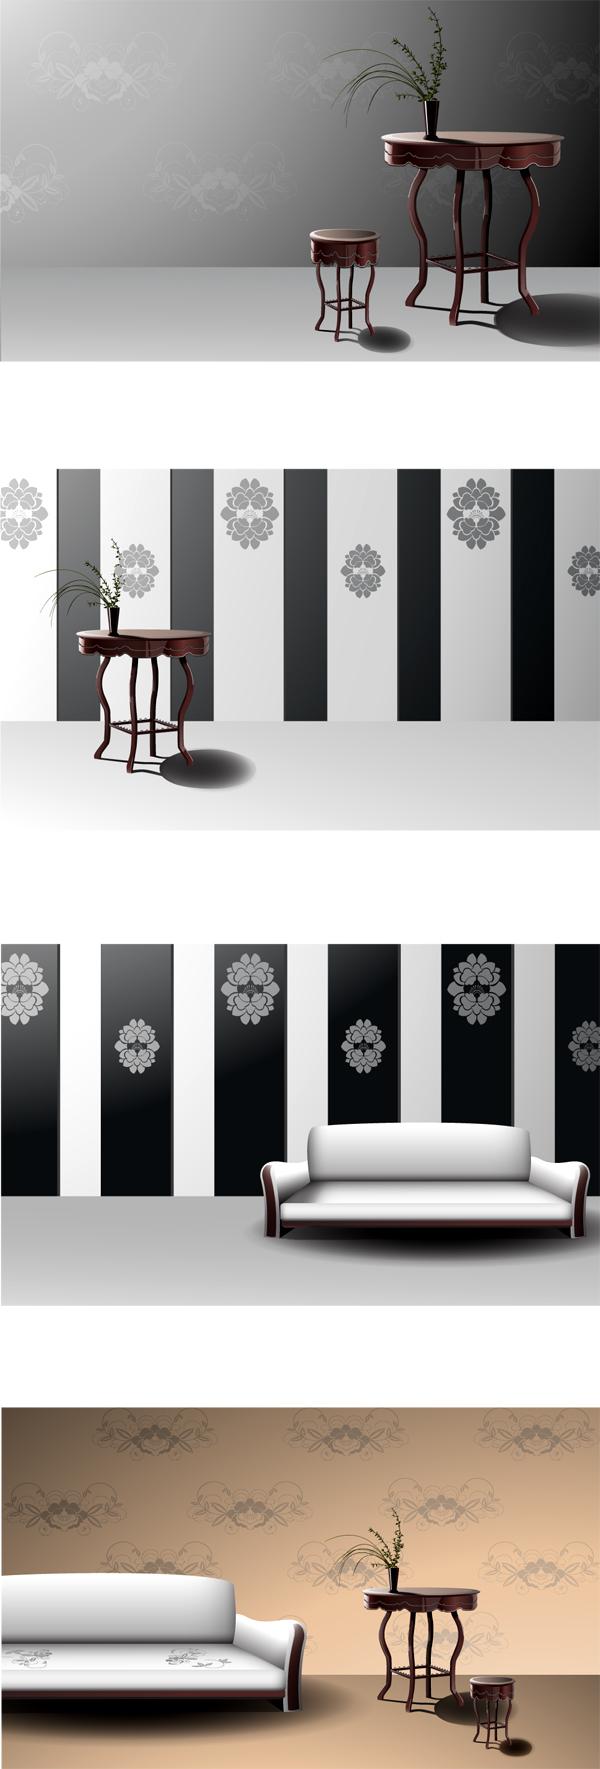 古典欧式家具和背景矢量图素材下载免费素材下载